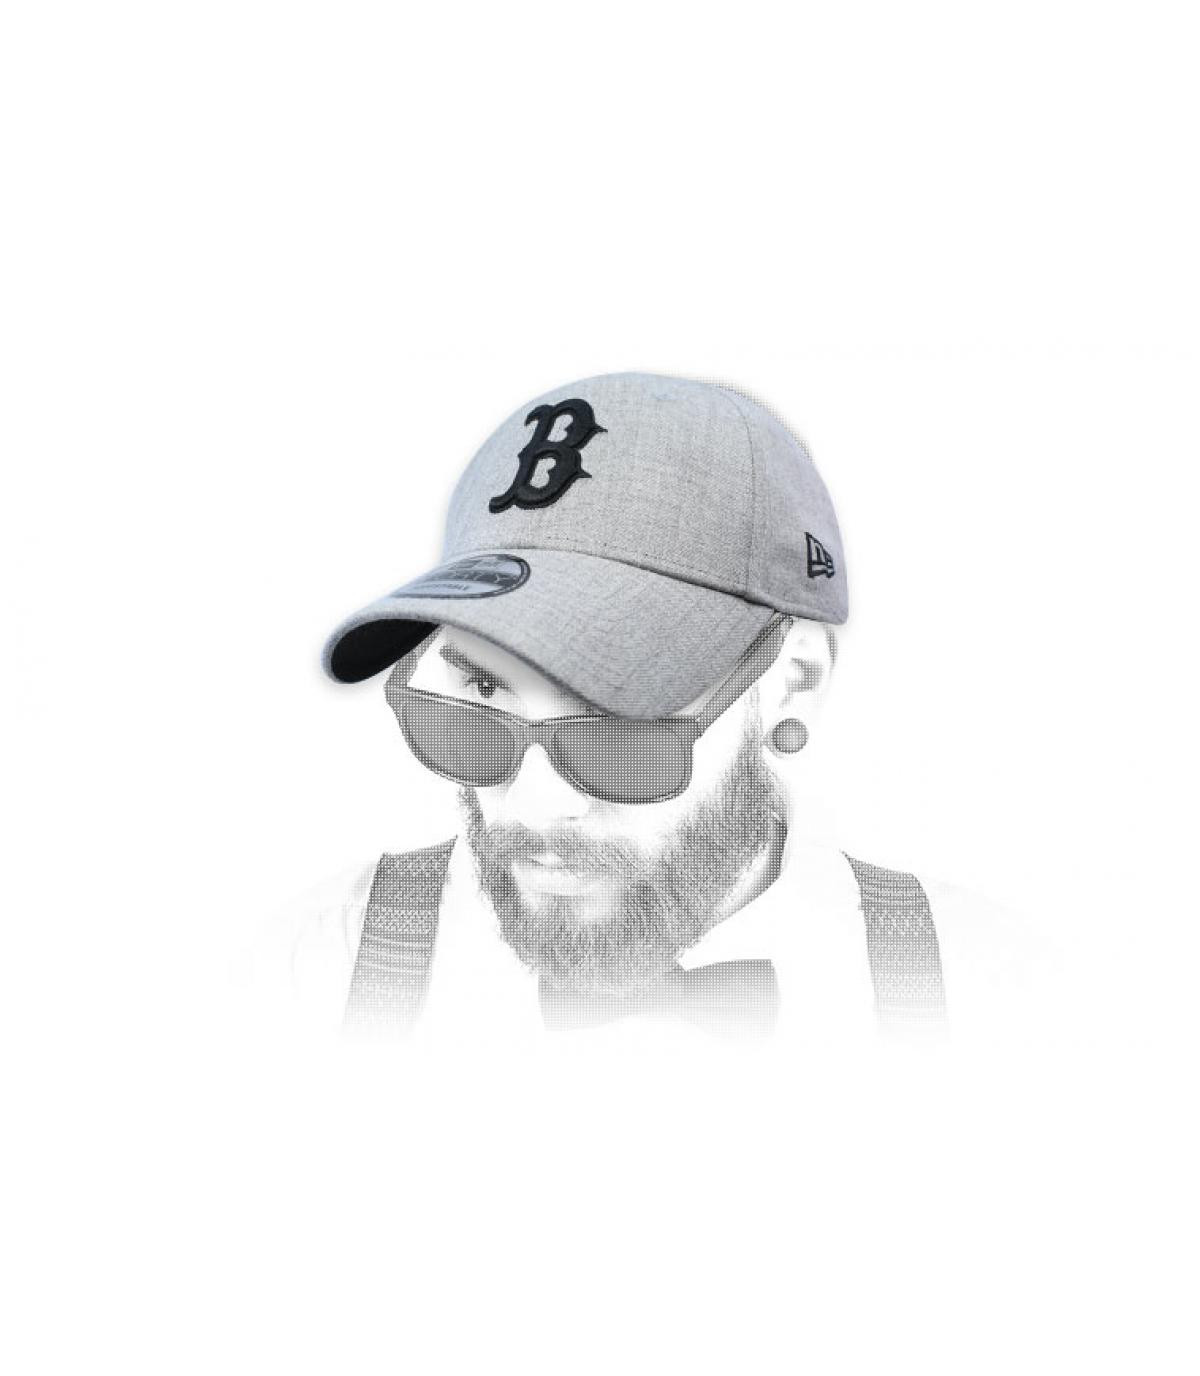 cappuccio B nero grigio